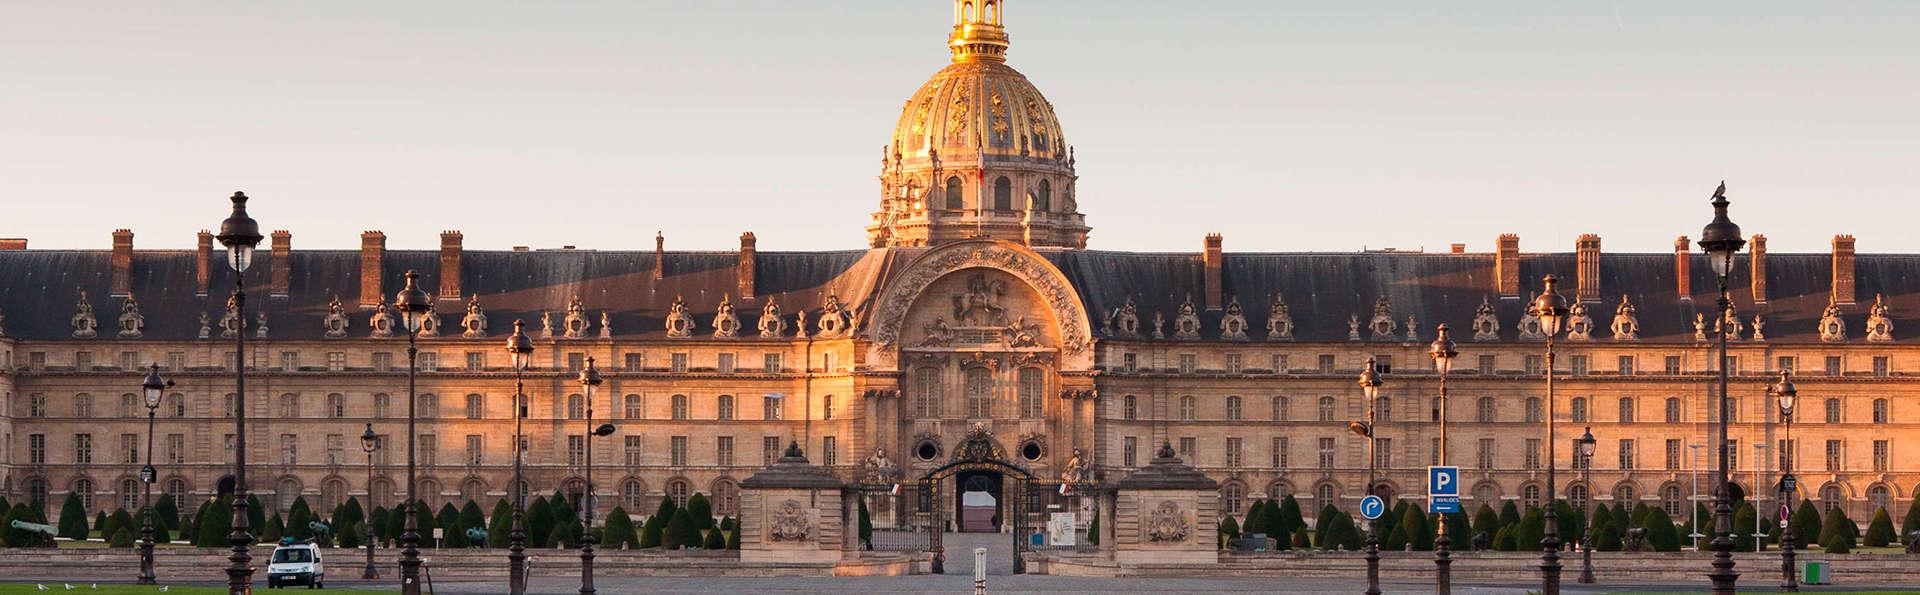 Week-end parisien et découverte des coulisses des Invalides